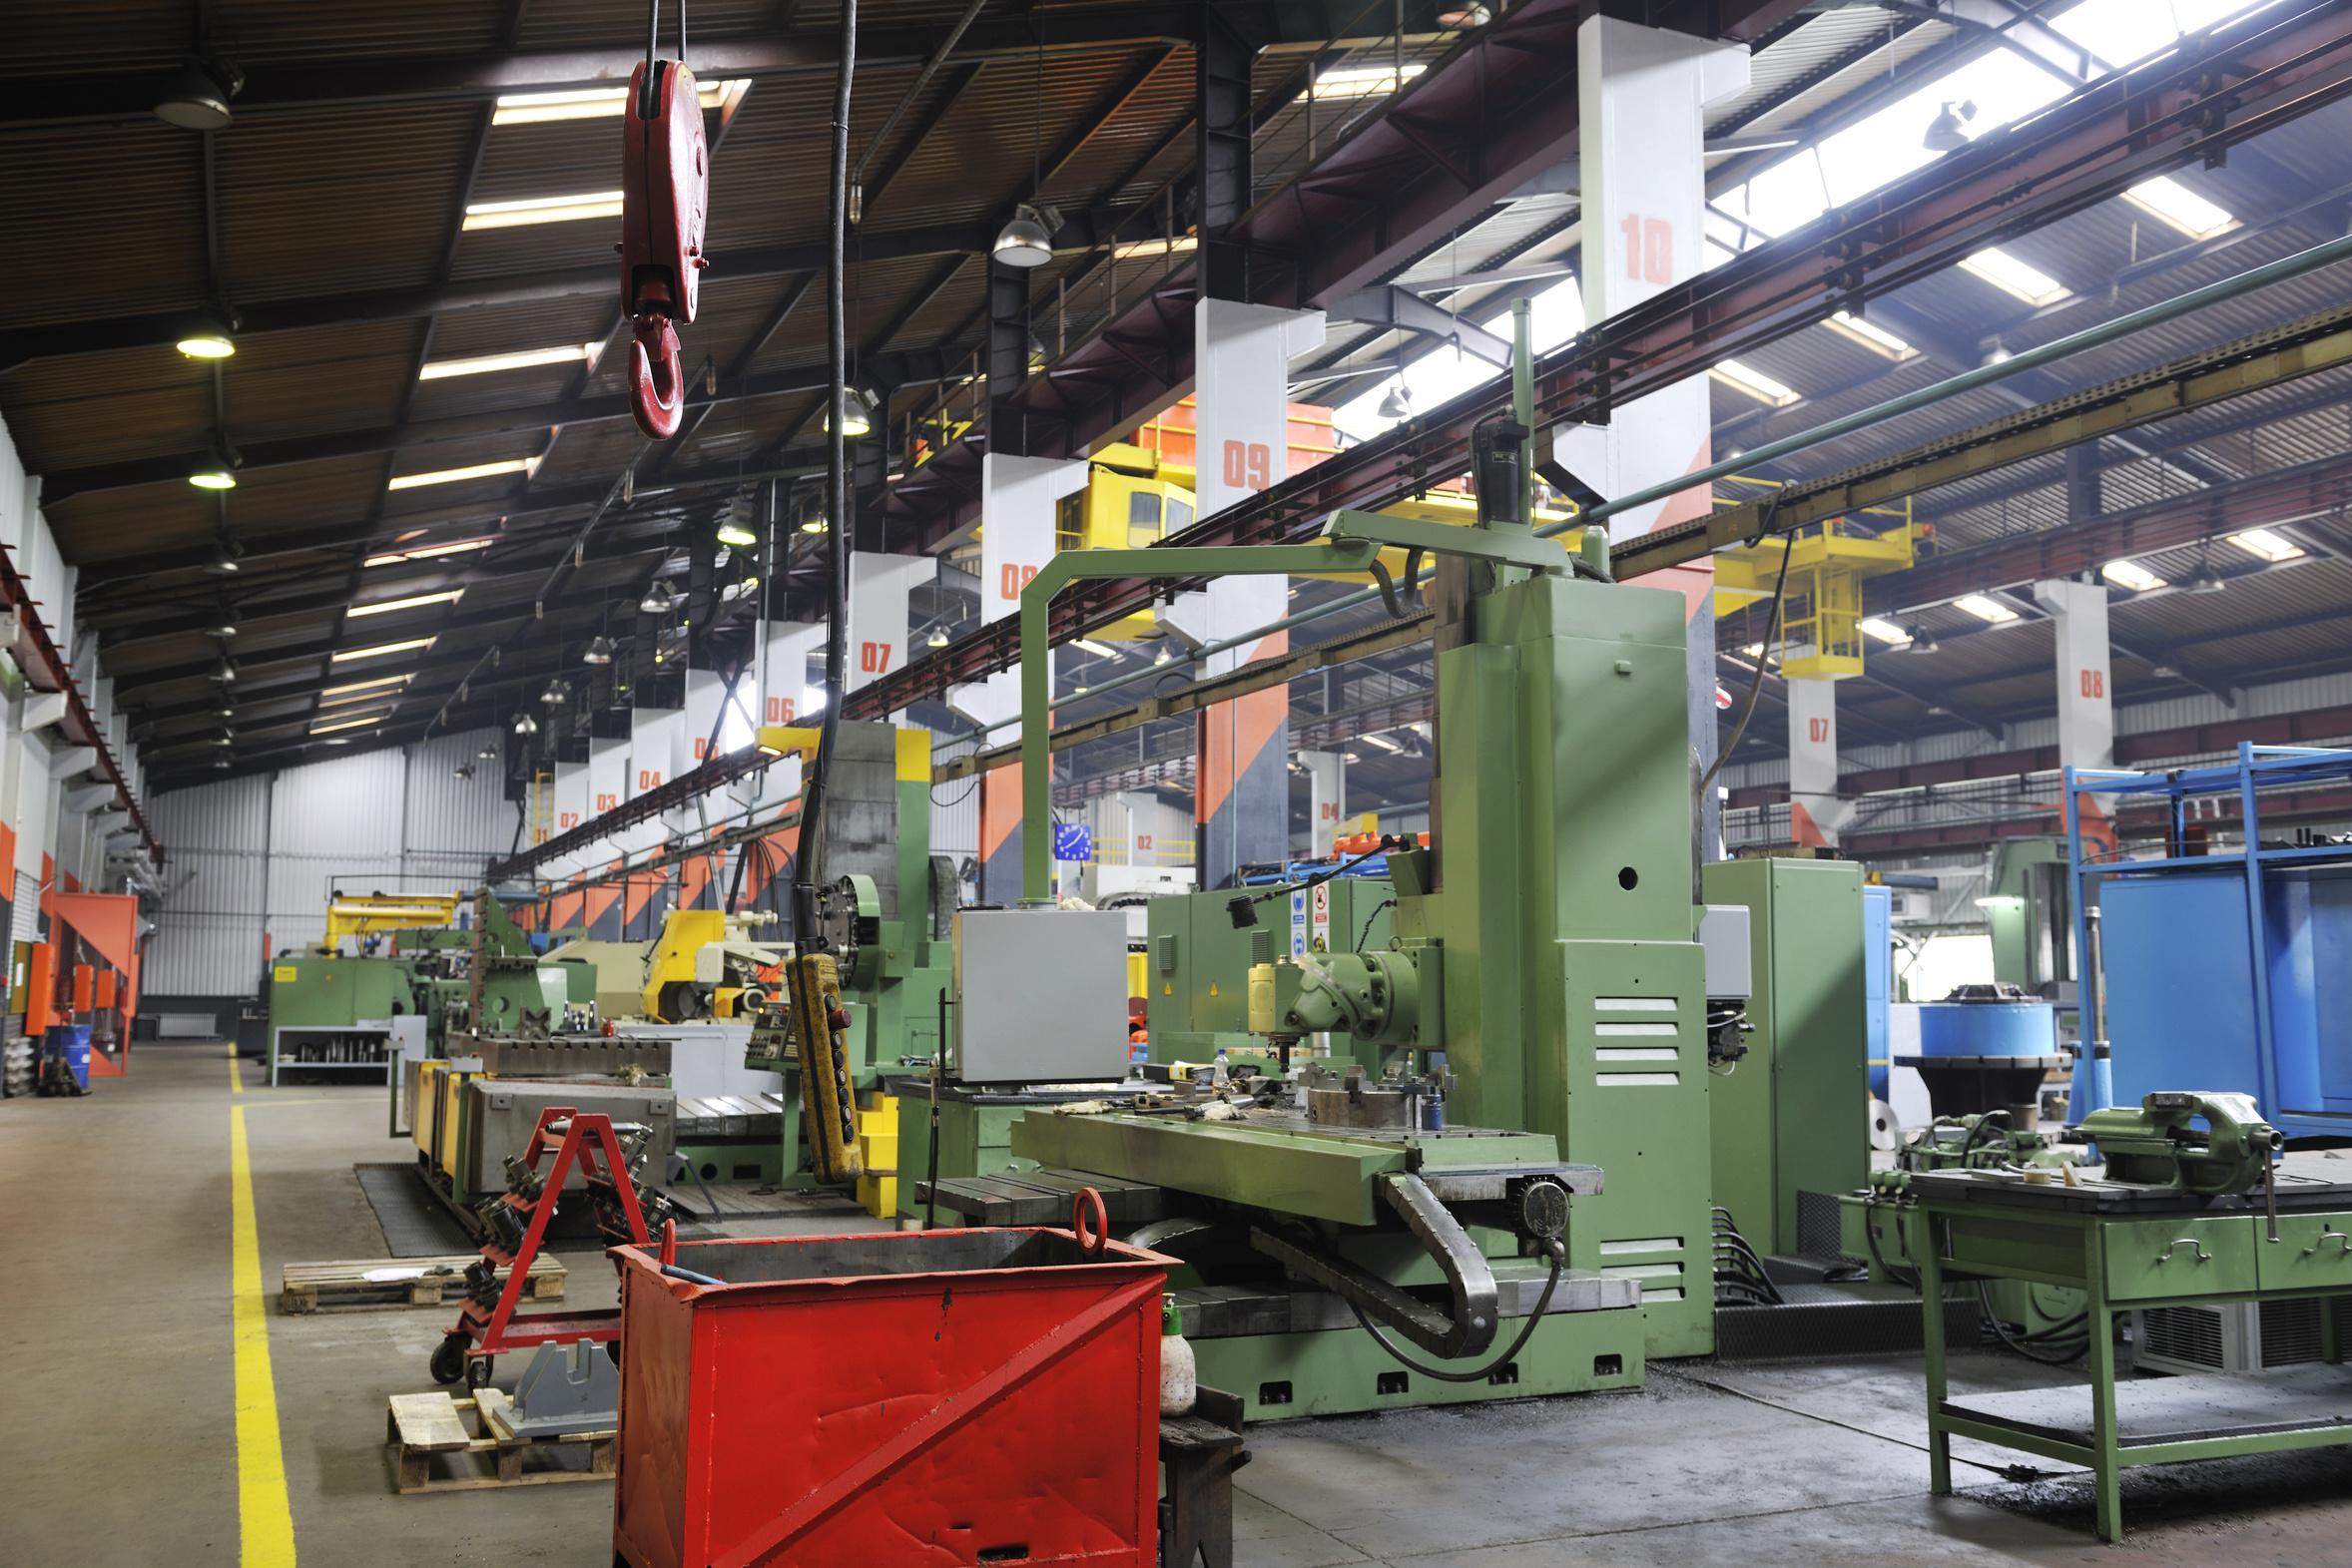 Maschinenbau in China läuft auf Hochtouren